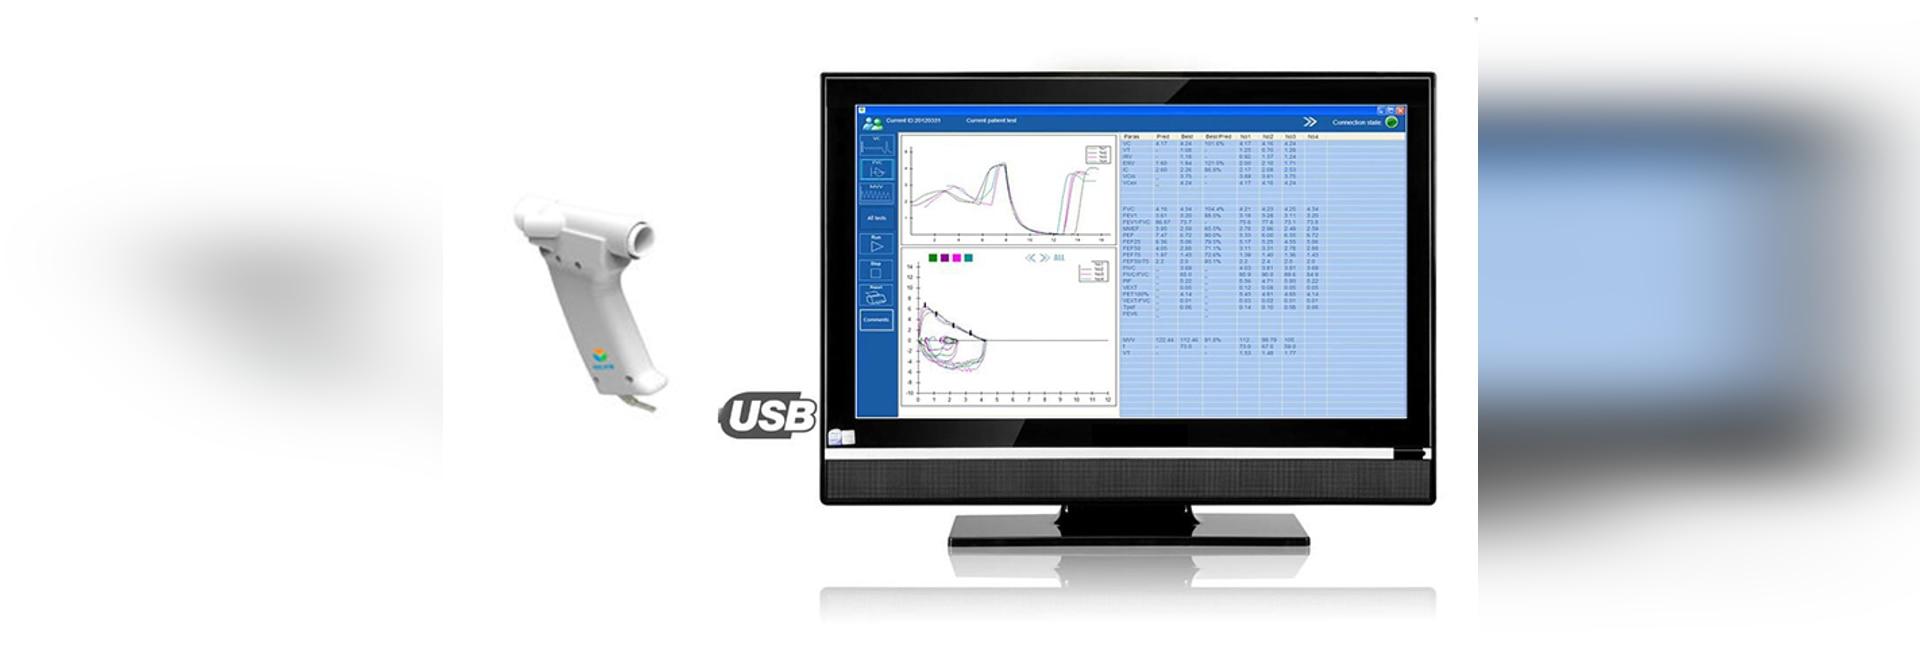 Espirómetro de mano ultrasónico computarizado